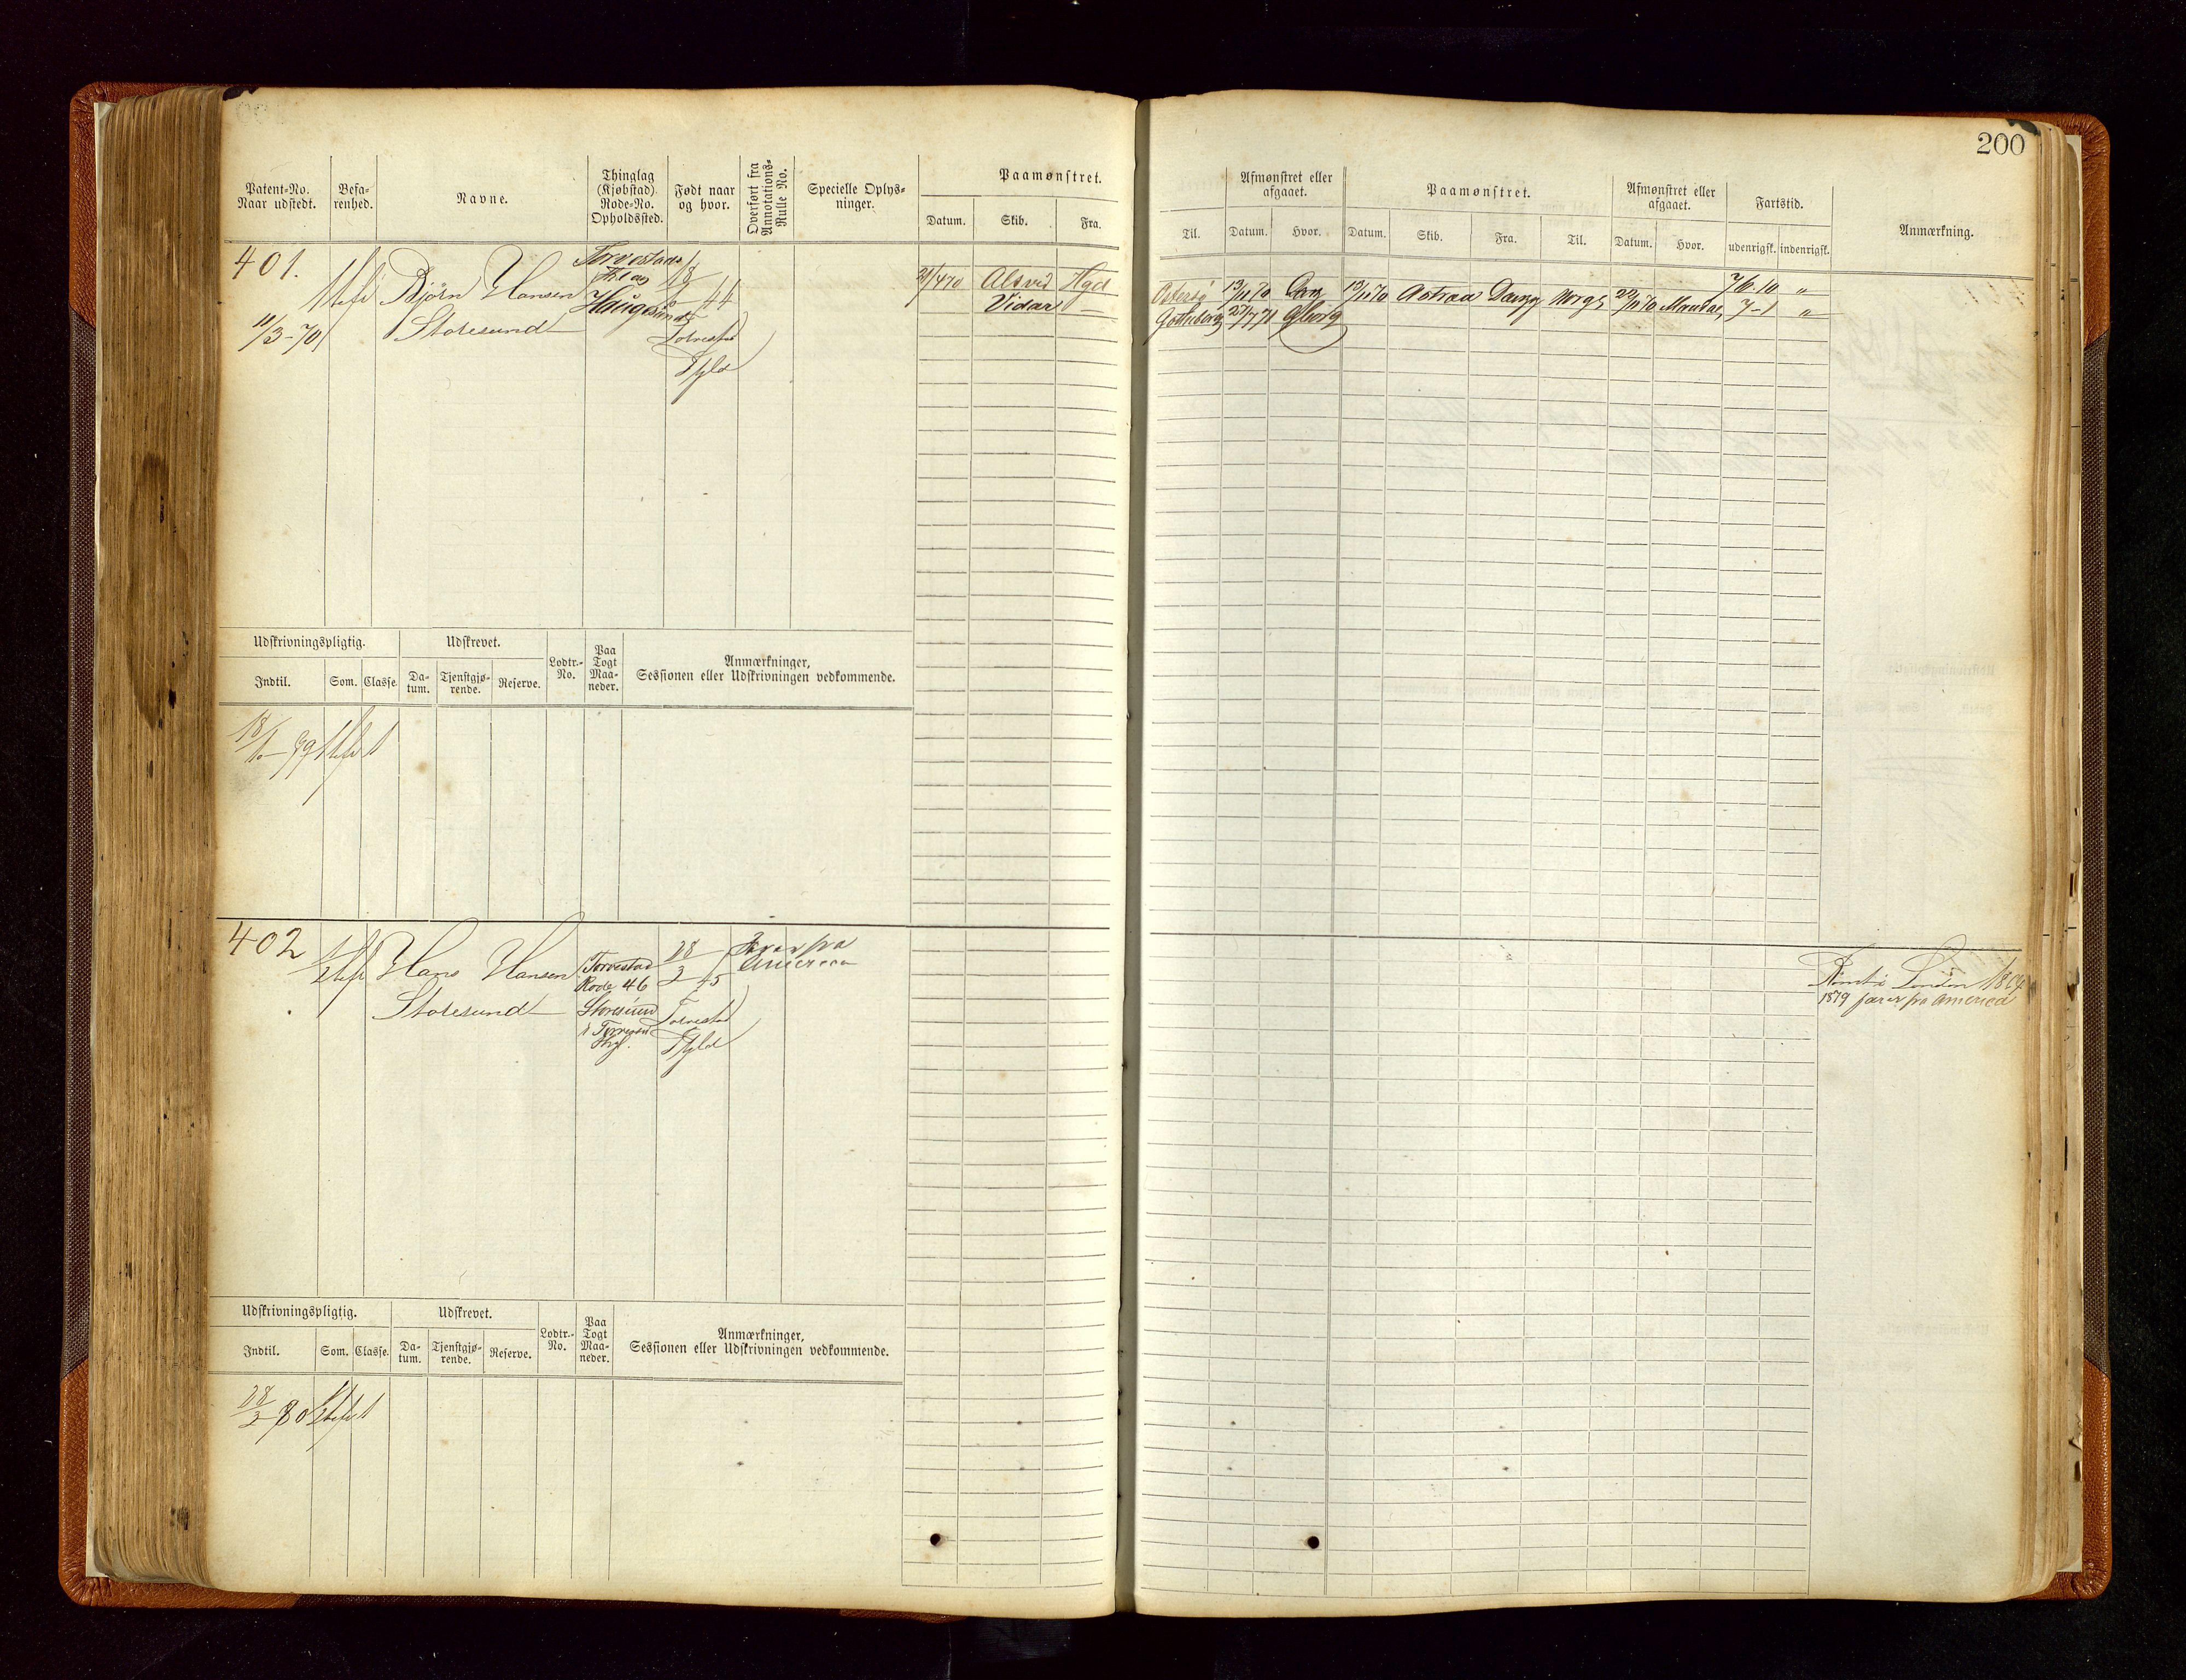 SAST, Haugesund sjømannskontor, F/Fb/Fbb/L0004: Sjøfartsrulle Haugesund krets nr. 1-1922, 1868-1948, s. 200